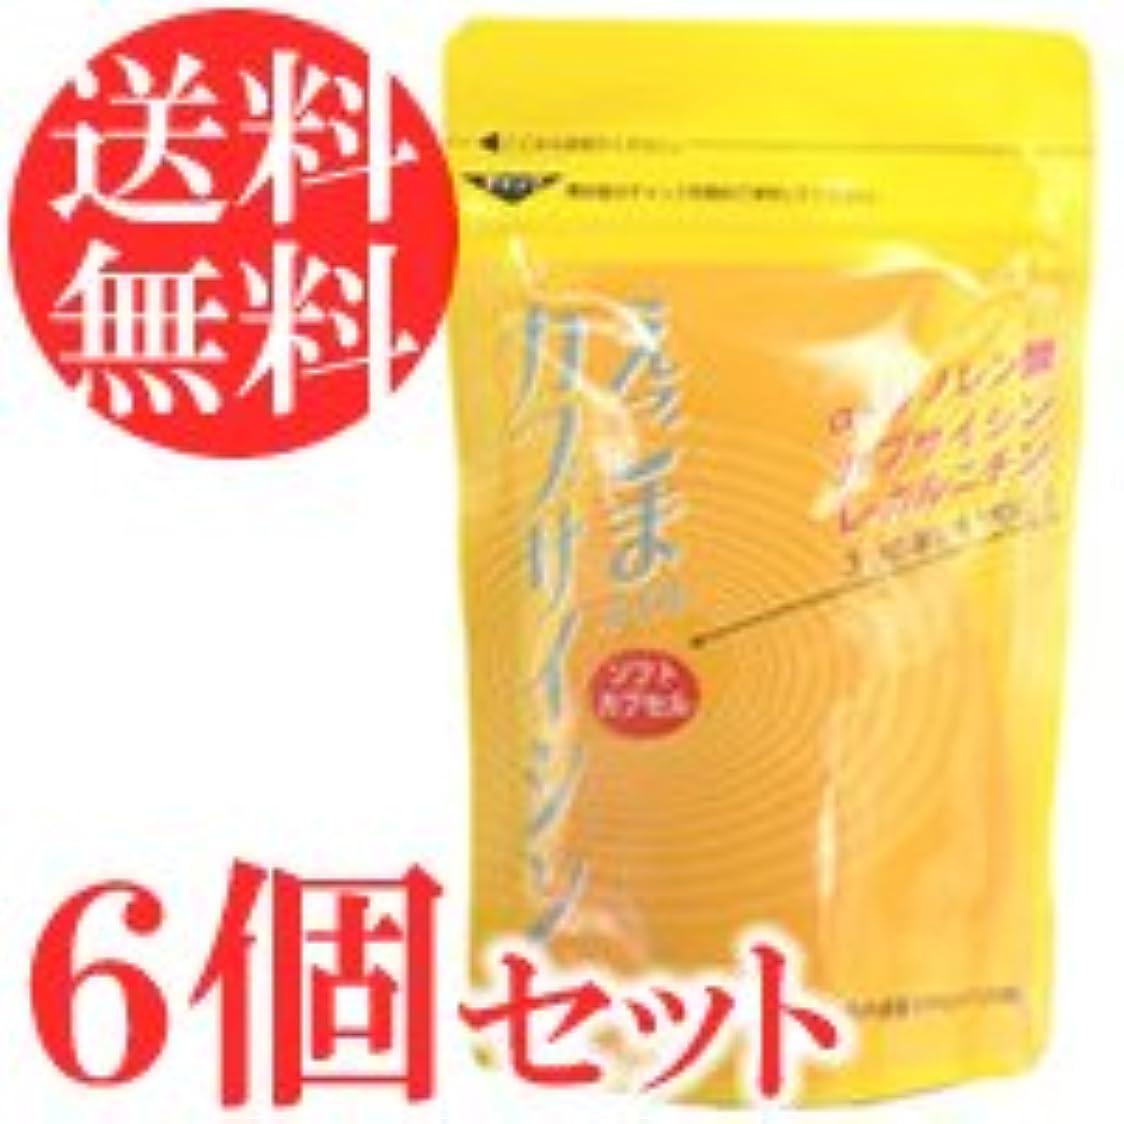 えごまオイル カプサイシン 120粒×6袋セット(ソフトカプセル)